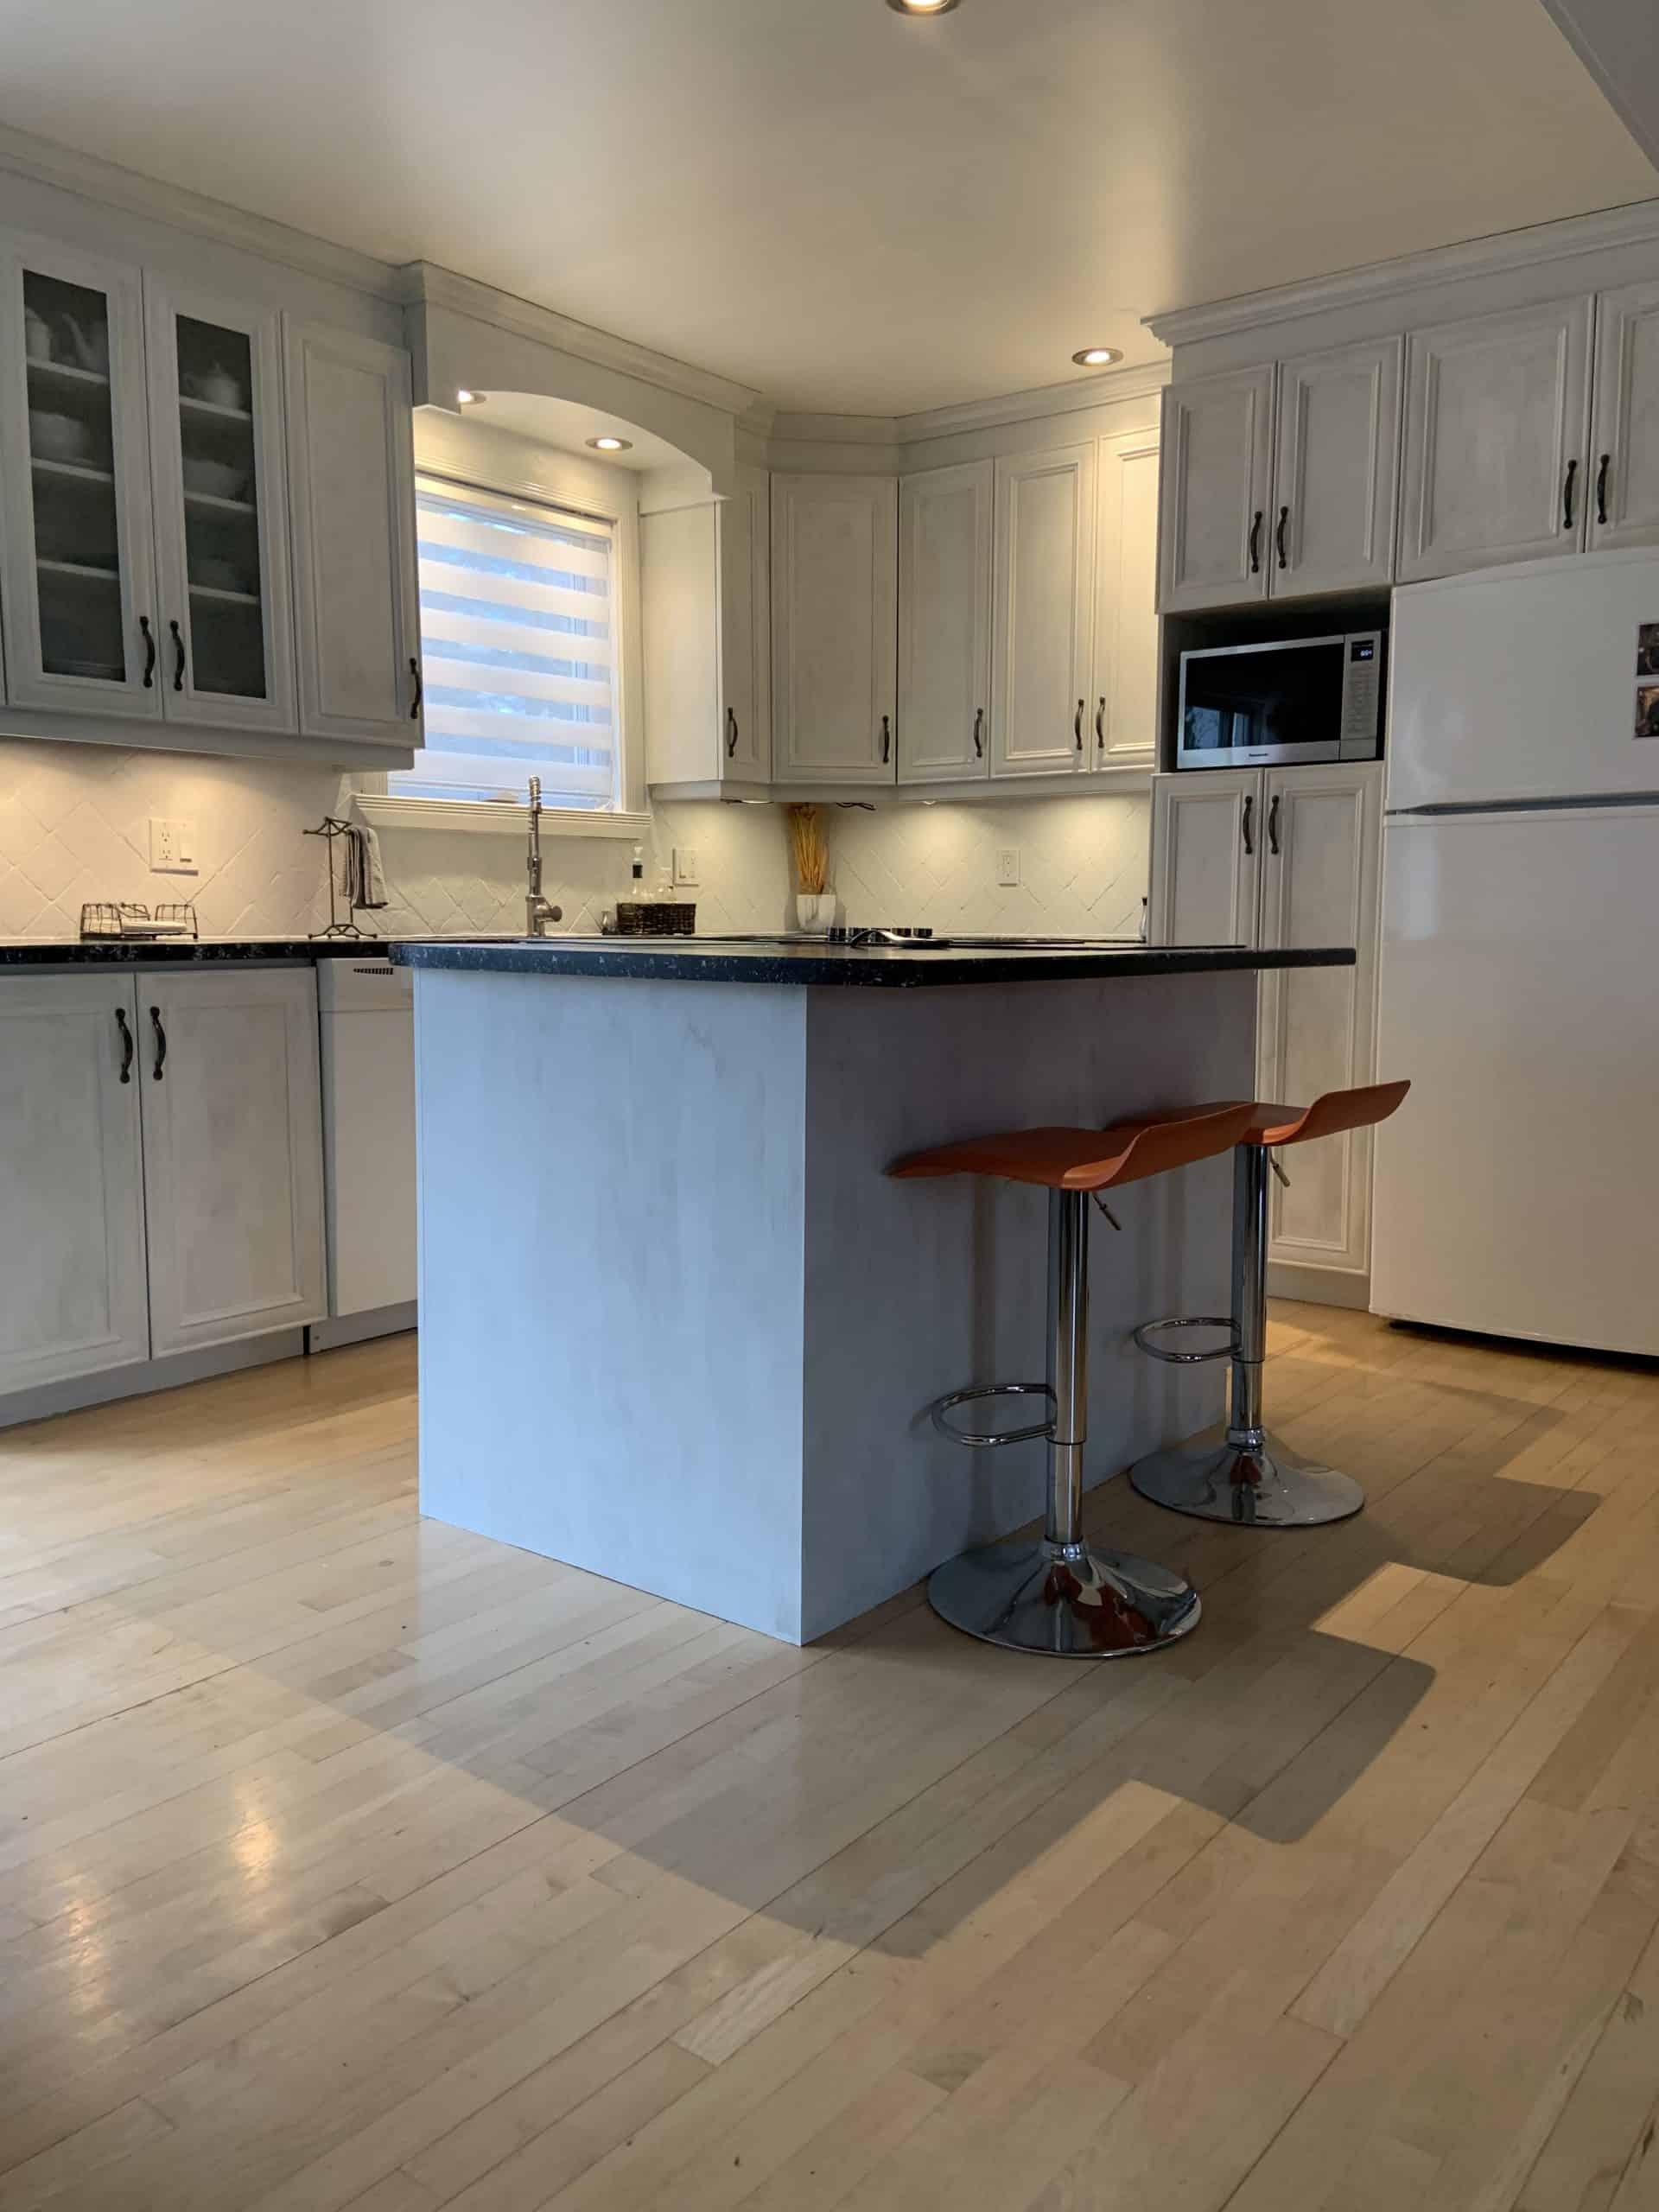 Comment repeindre des armoires de cuisine avec la peinture Colorantic - Colorantic